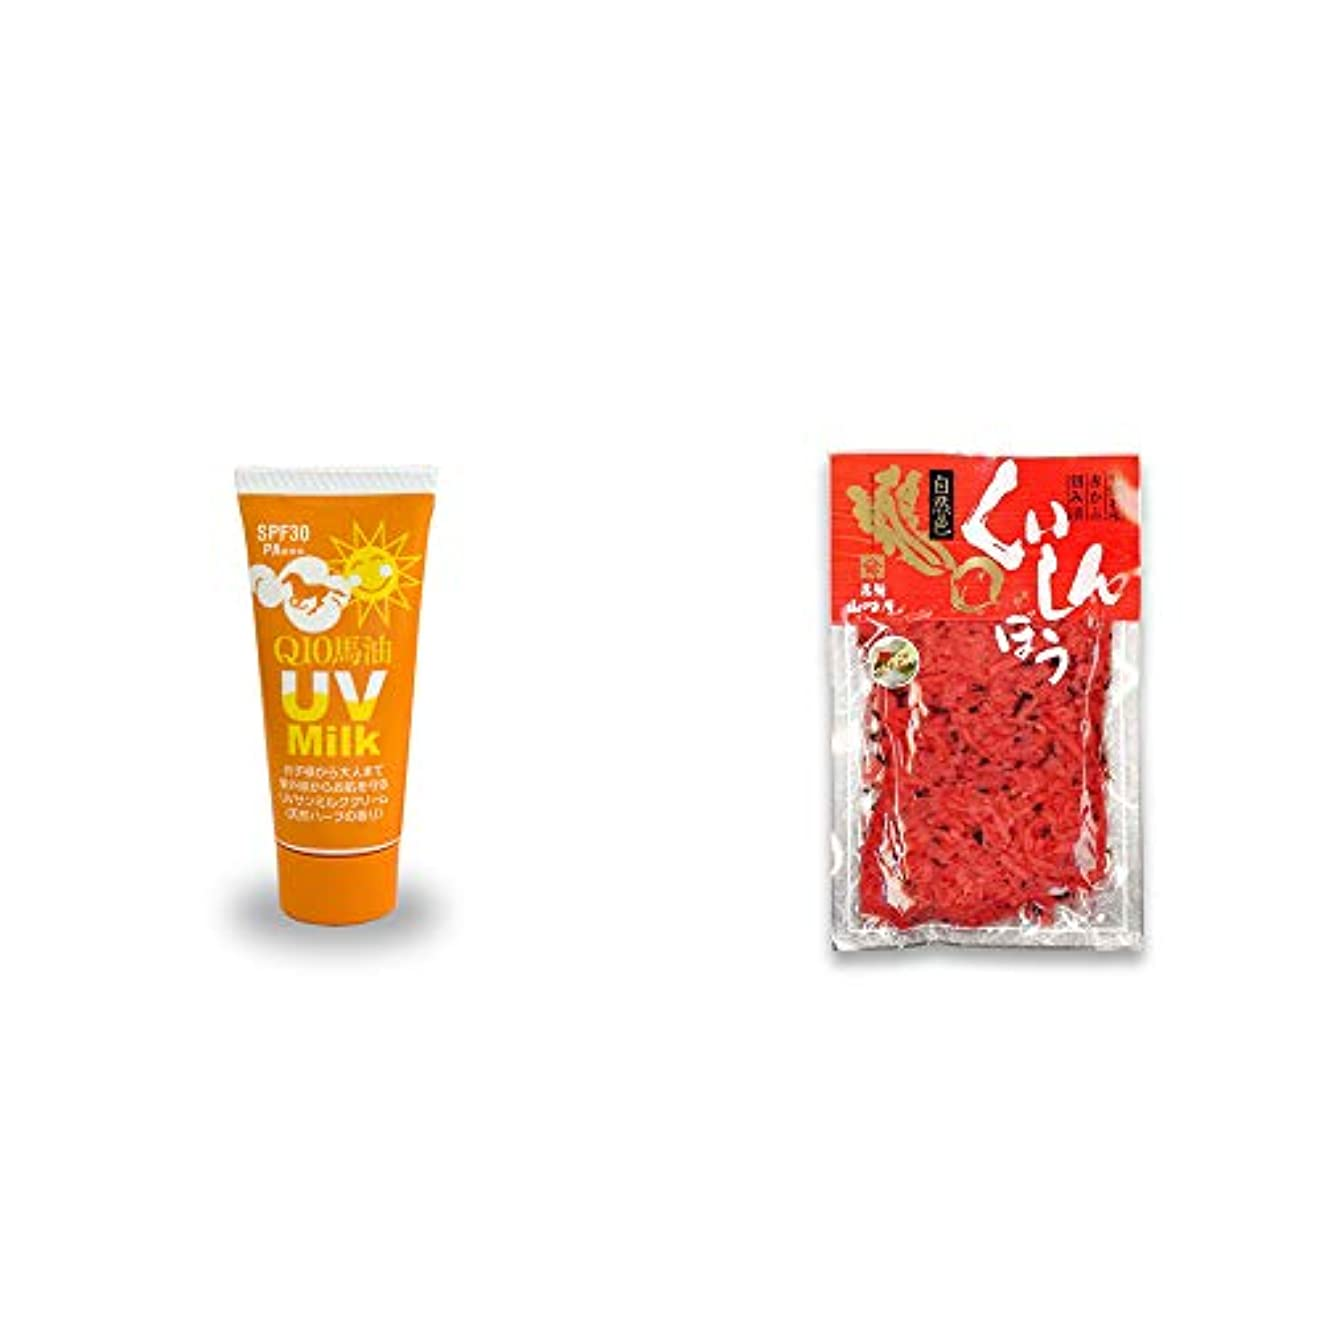 おばあさん日鮫[2点セット] 炭黒泉 Q10馬油 UVサンミルク[天然ハーブ](40g)?飛騨山味屋 くいしんぼう【小】 (160g)